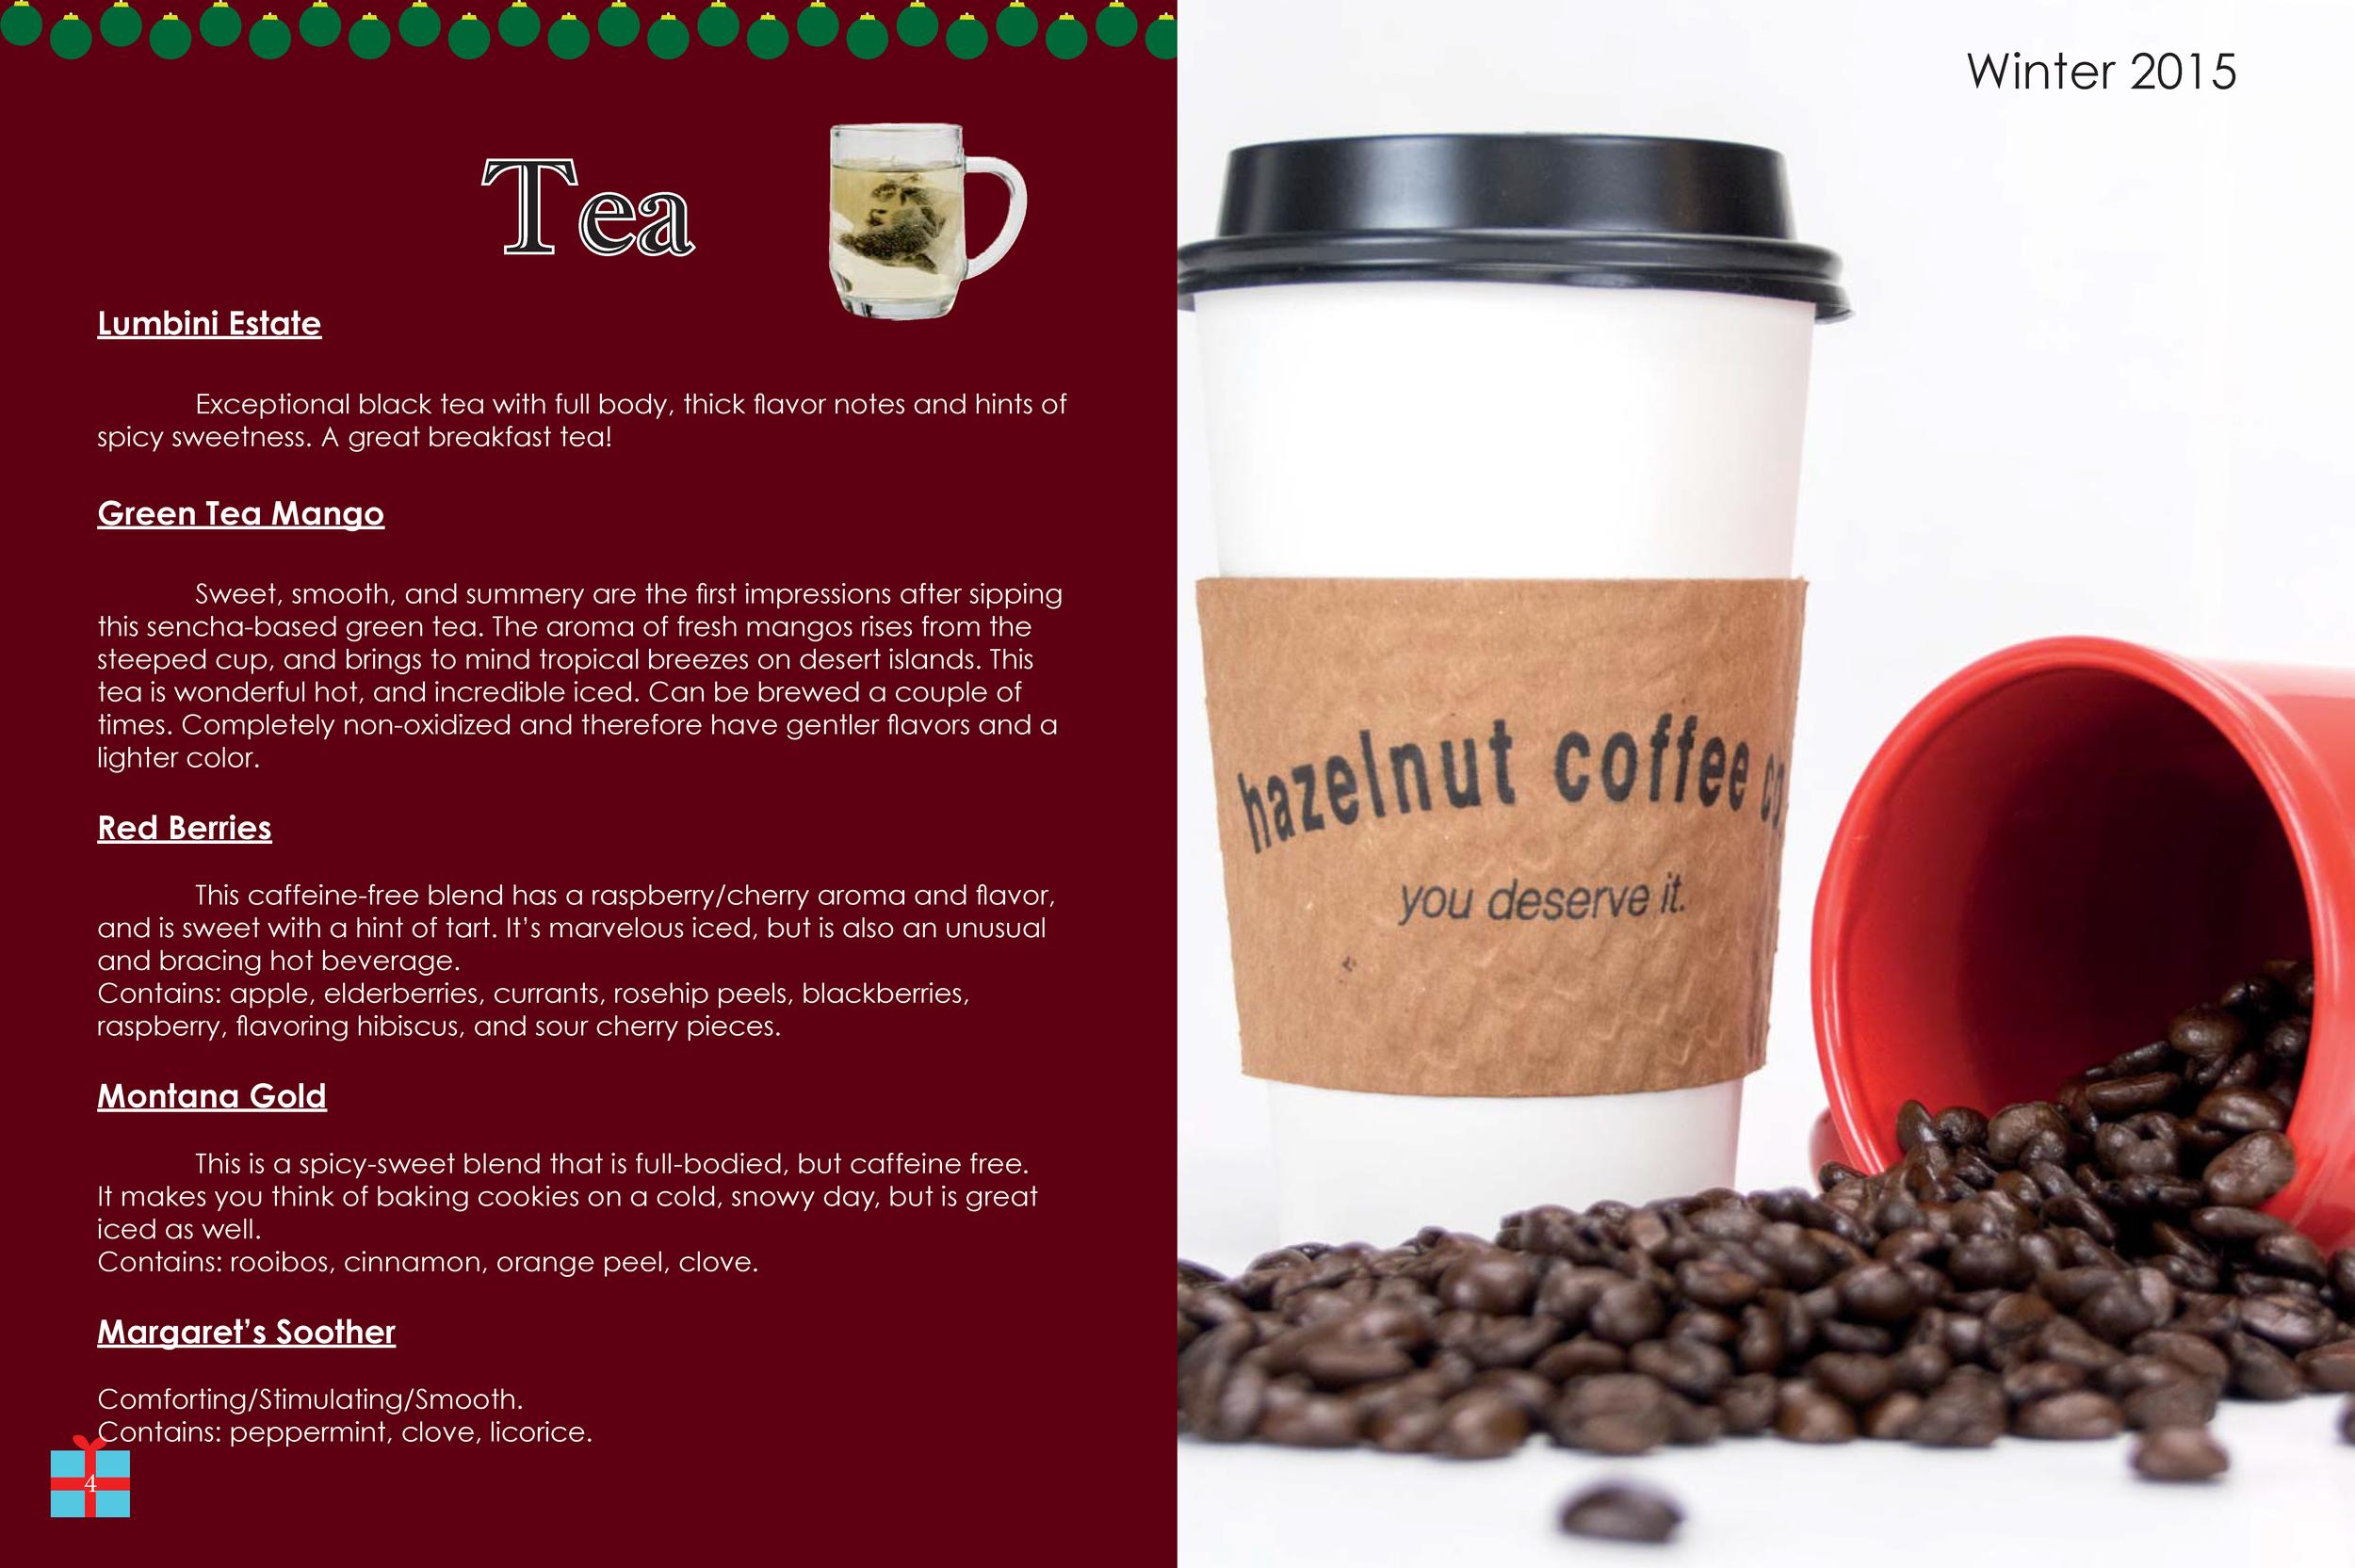 Hazelnut Coffee Magazine